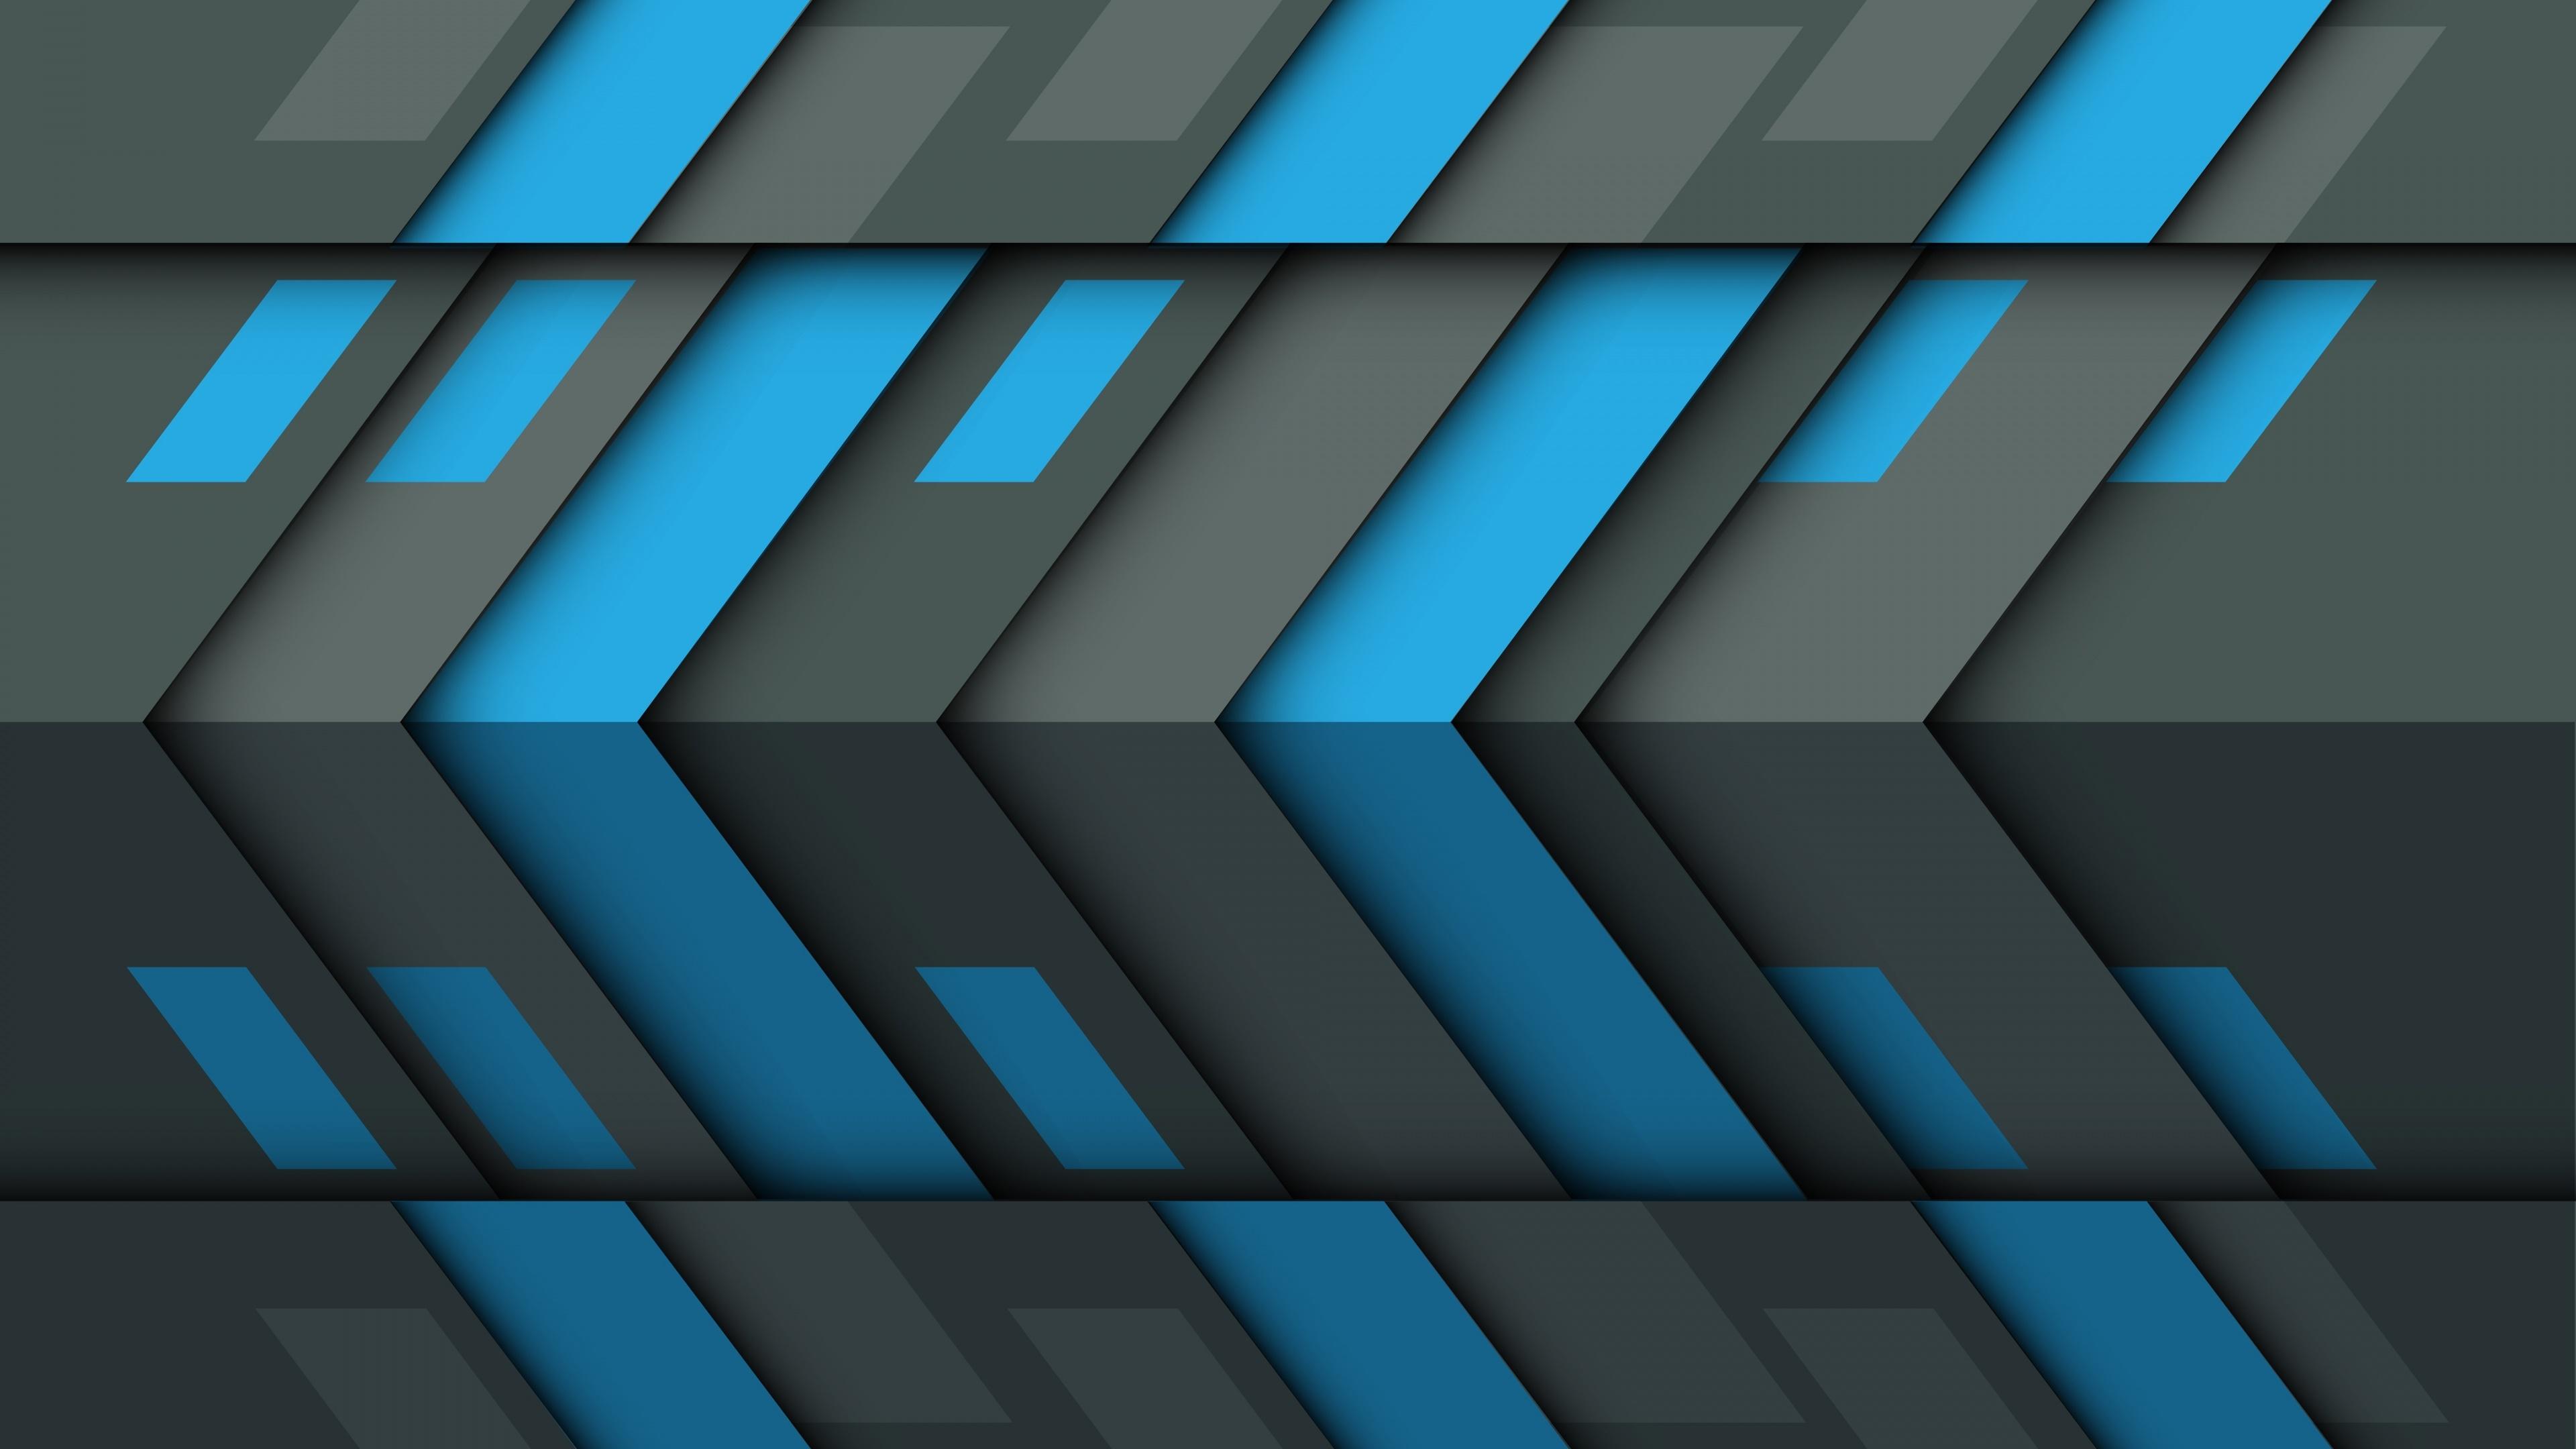 Fondos de pantalla Abstracción geométrica